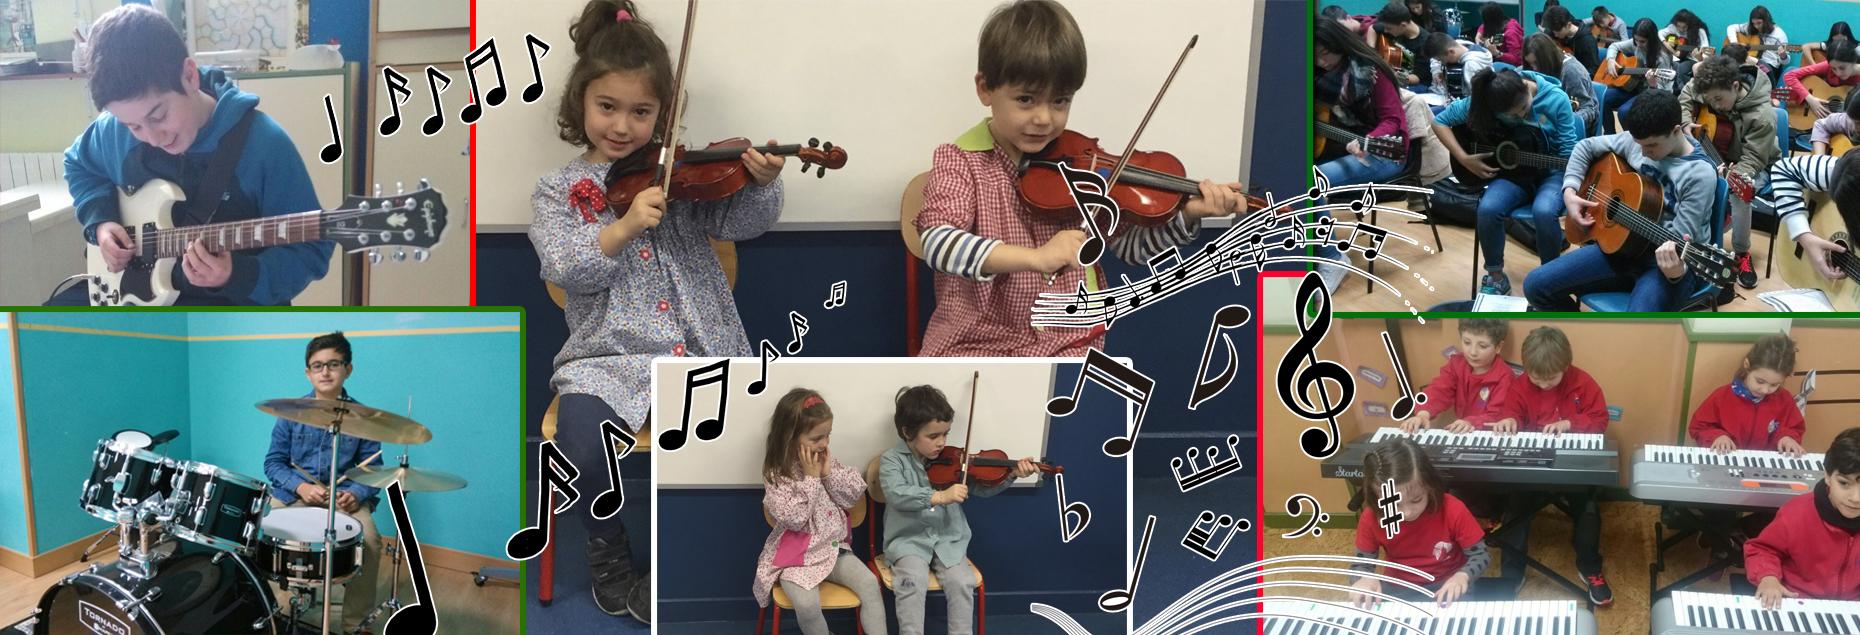 Formación musical reglada, en las aulas de Begoñazpi Ikastola